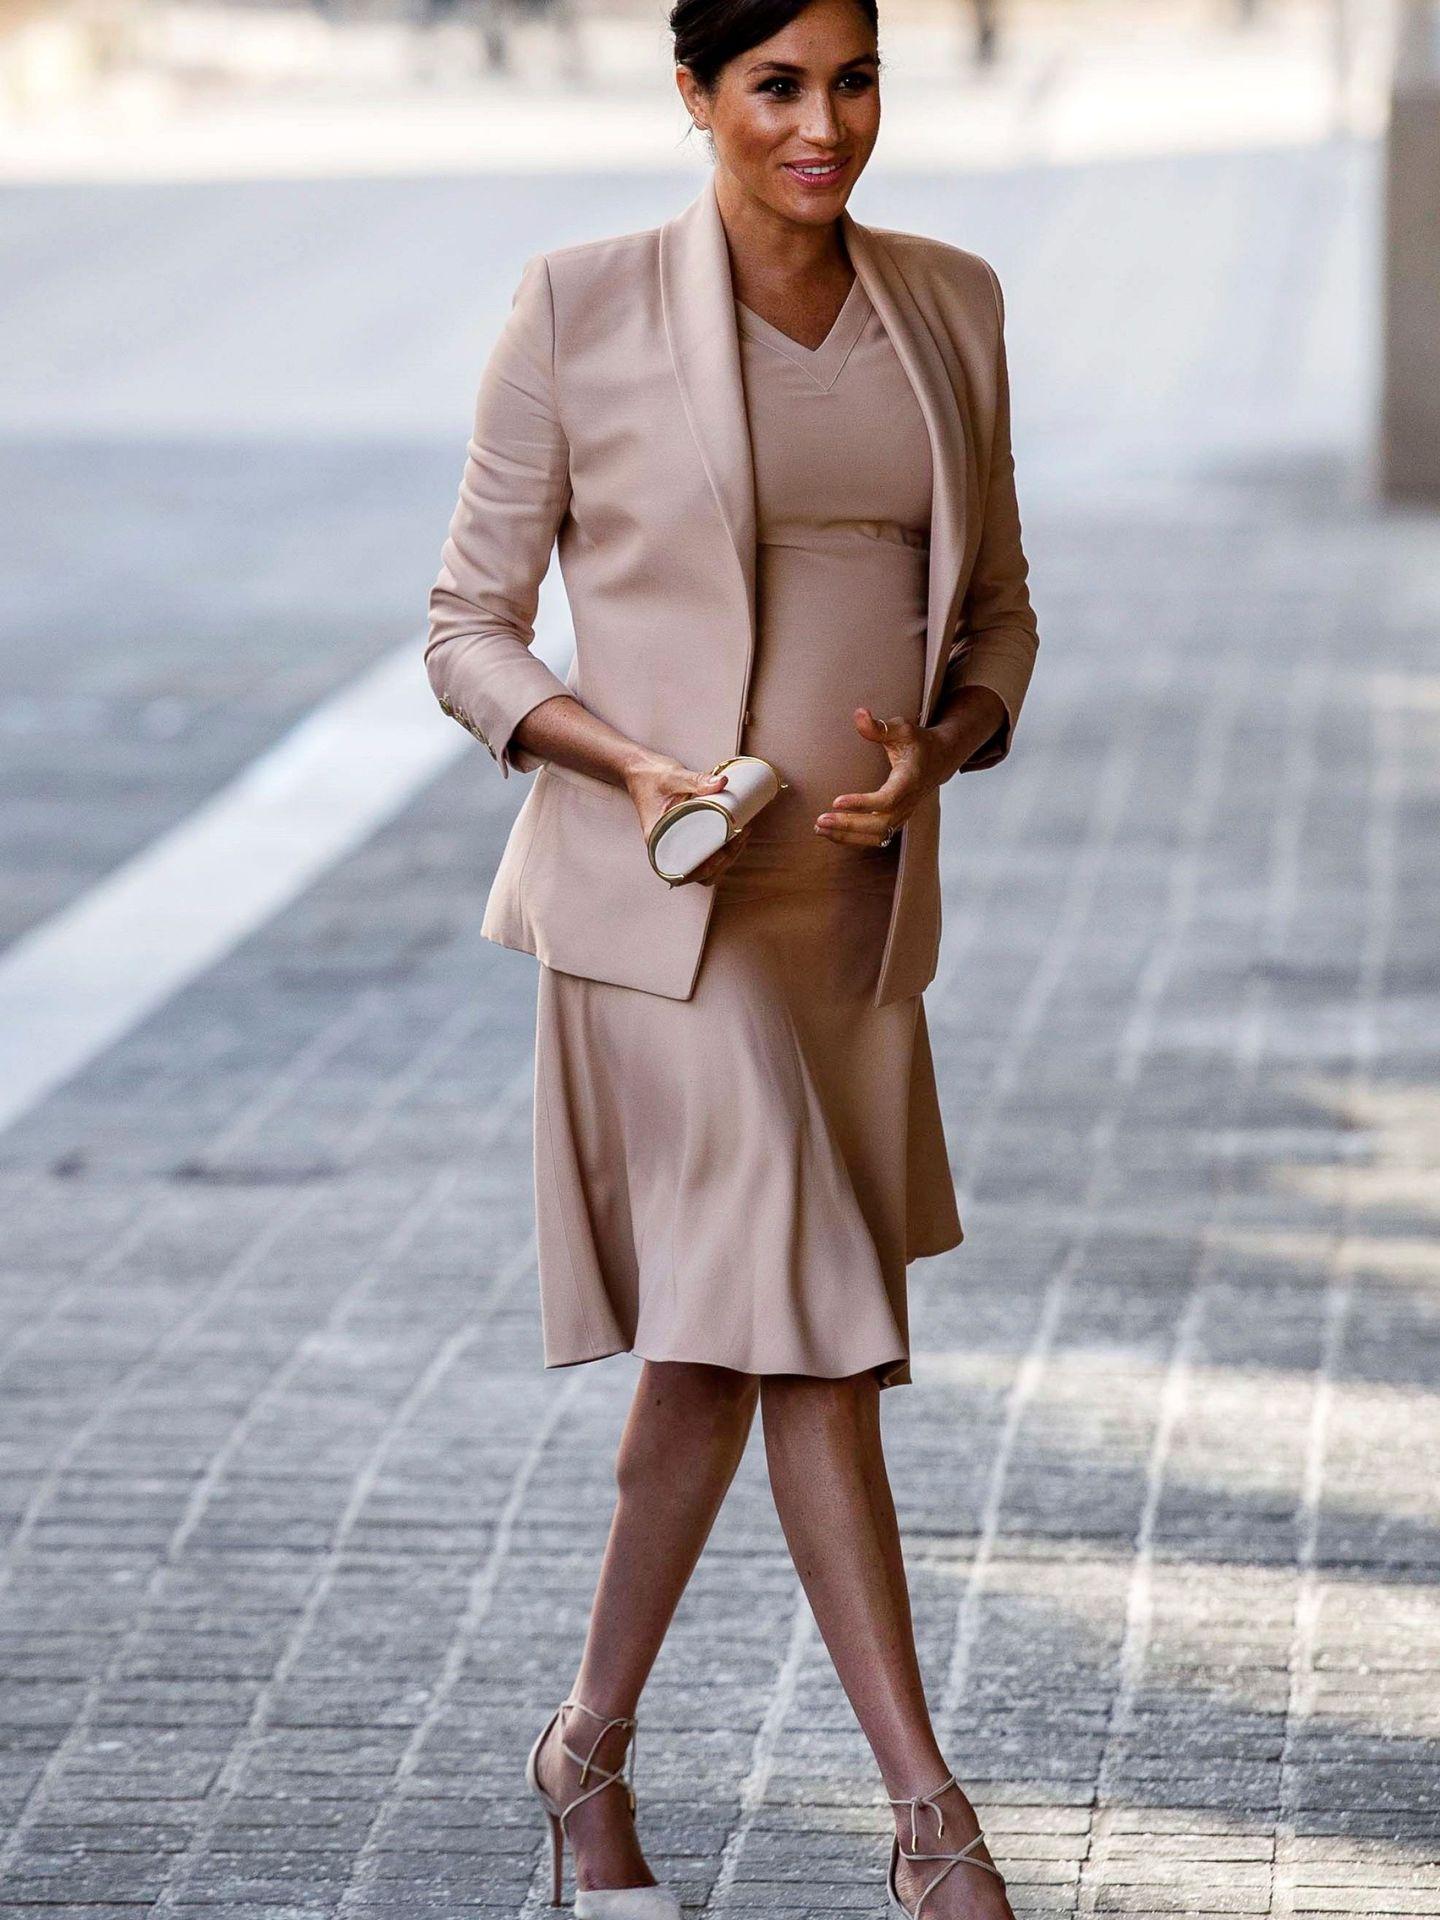 La duquesa de Sussex está más guapa que nunca.